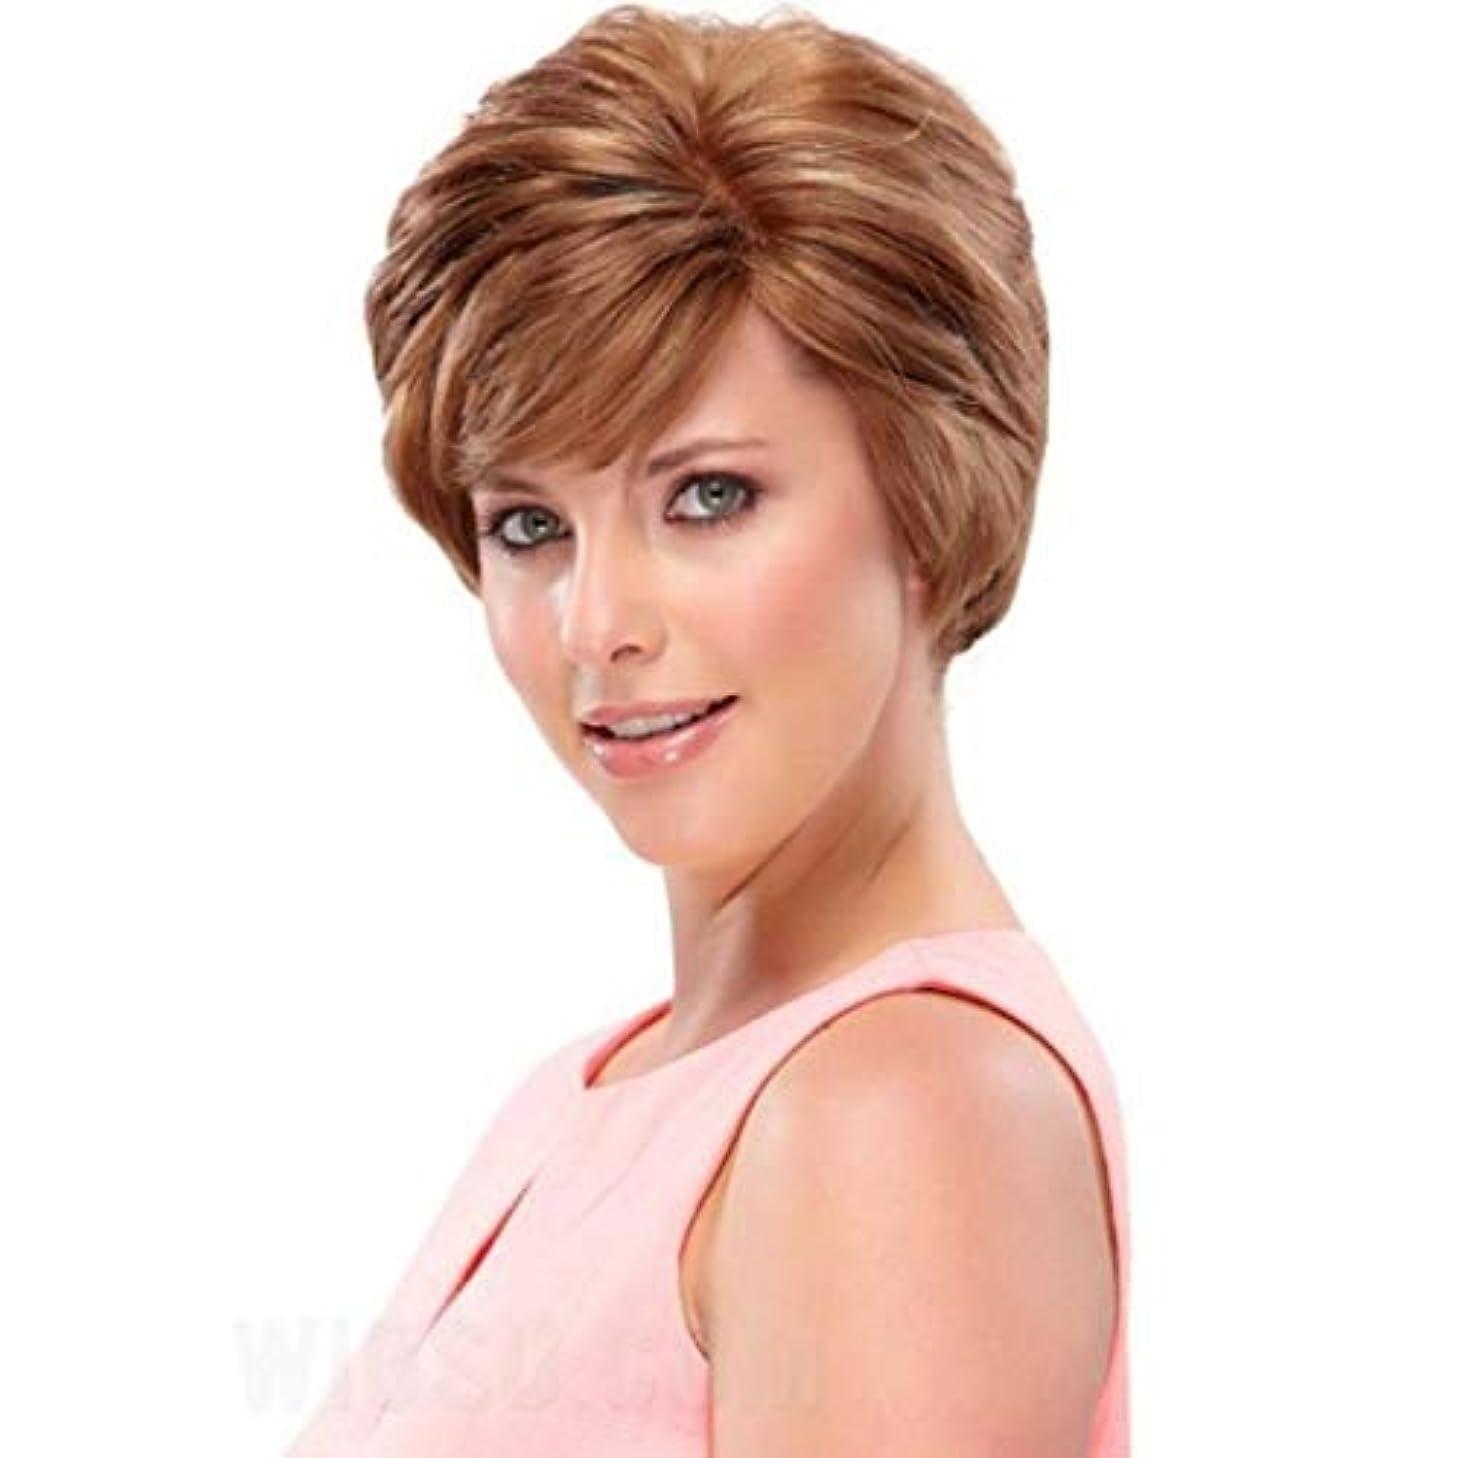 無駄だ吸収代わりにを立てるKerwinner ふわふわストレートヘアウィッグ人工毛フルウィッグナチュラルに見える女性用耐熱性